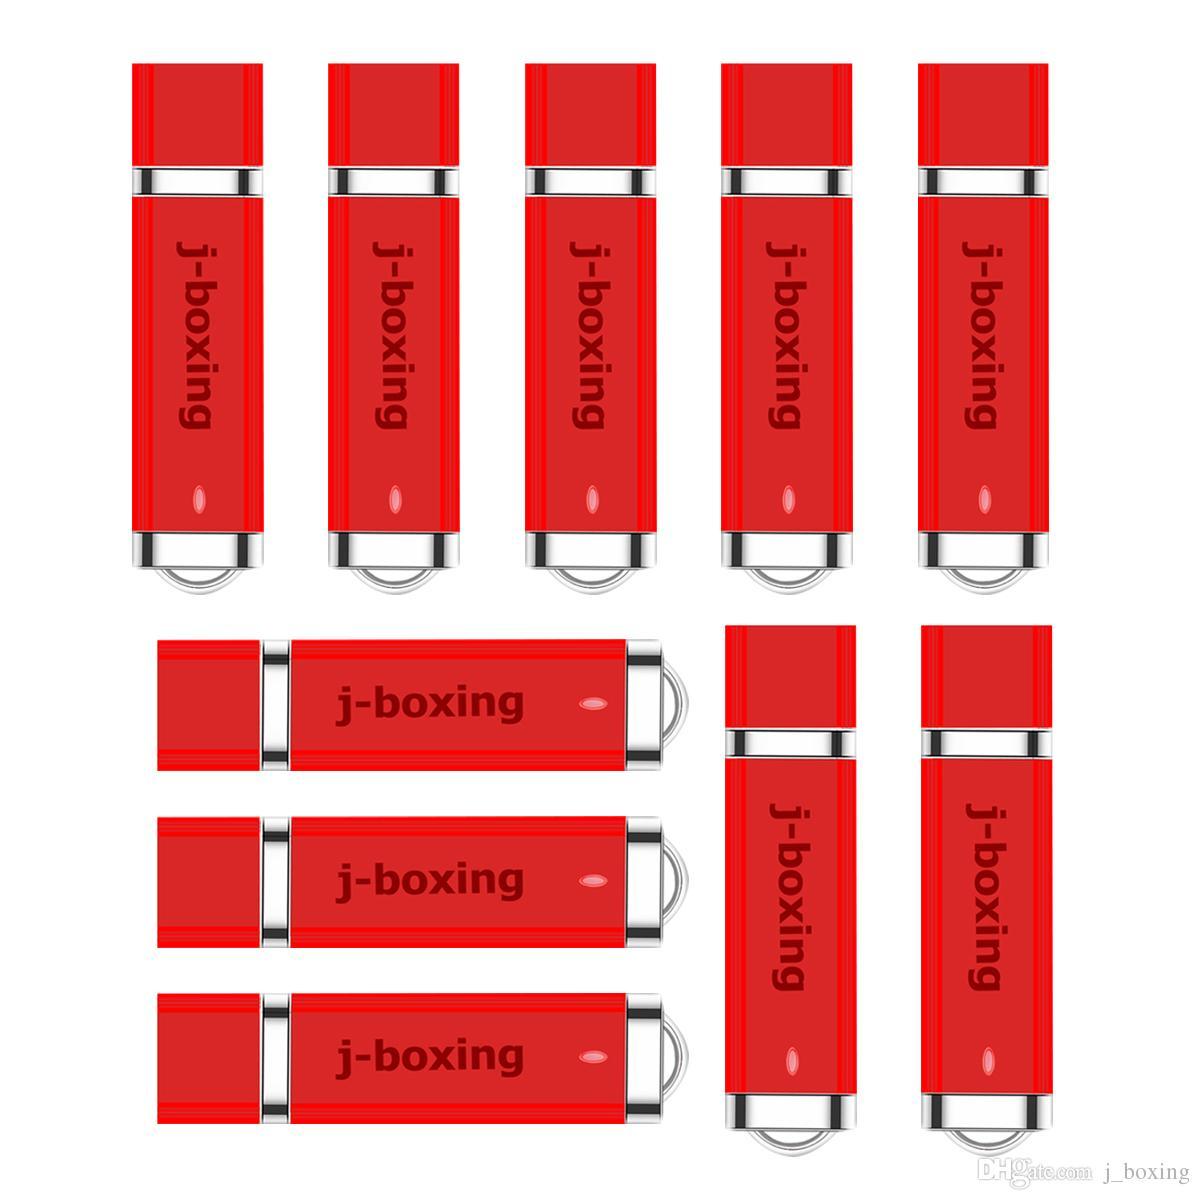 10PCS Red Lighter Model USB 2.0 Flash Drives Pen Drives USB Memory Stick 64M 128M 256M 512M 1G 2G 4G 8G 16G 32G for PC Laptop Thumb Storage